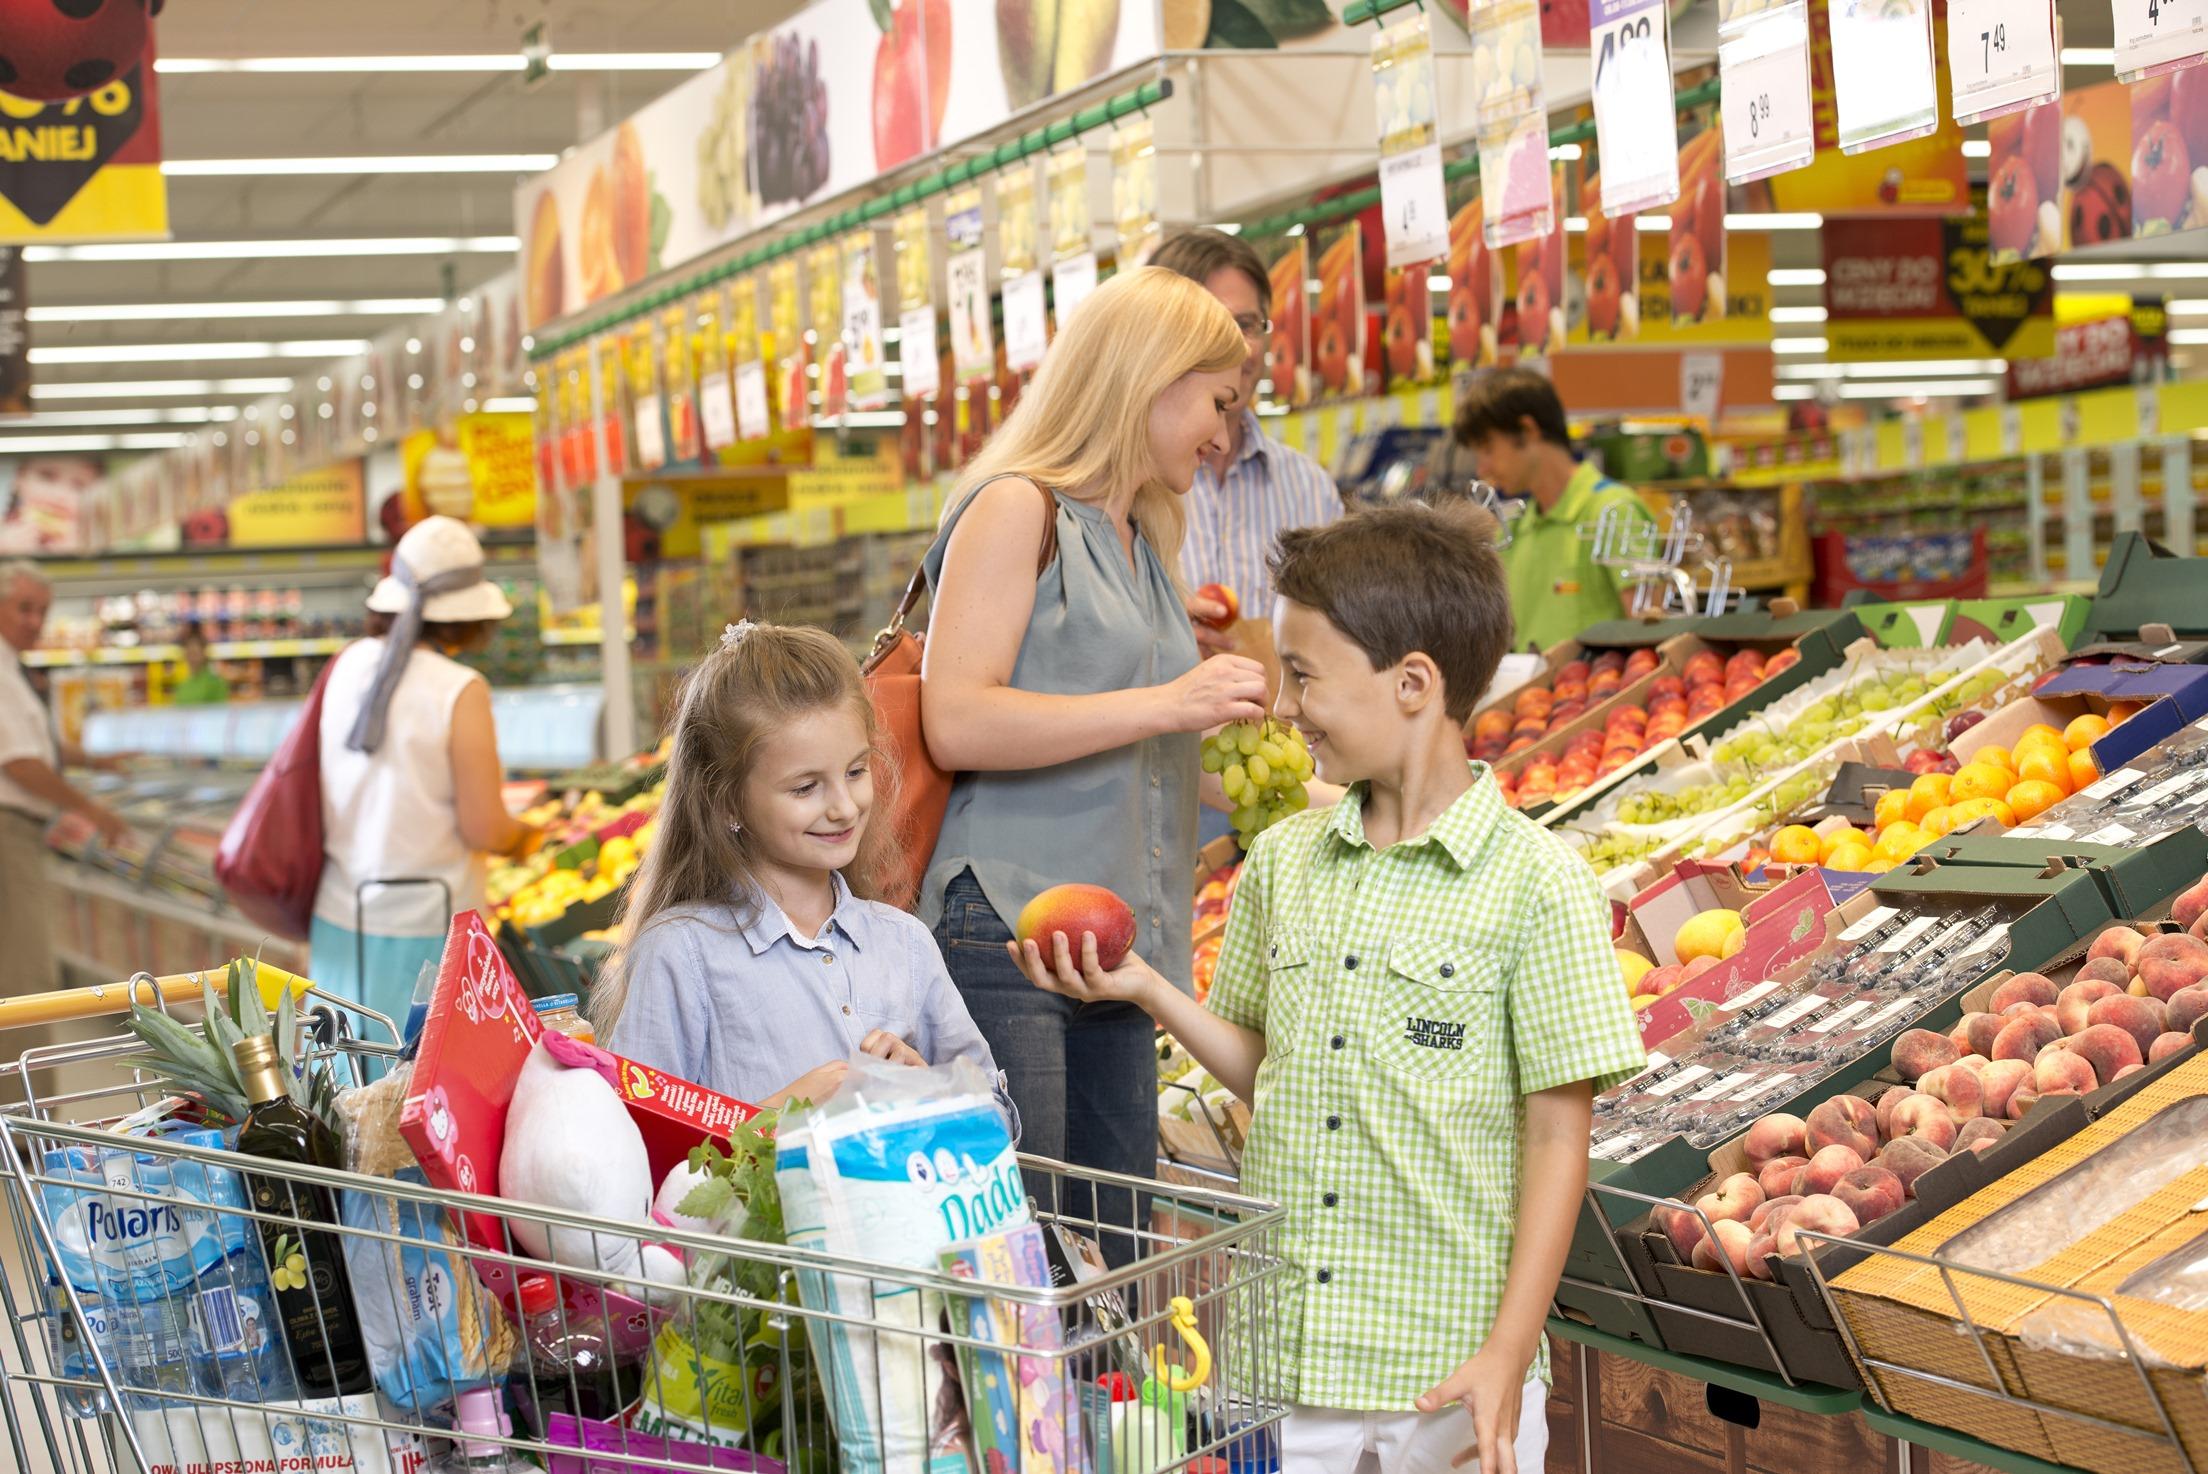 Badanie Biedronki na temat zmiany nawyków żywieniowych konsumentów